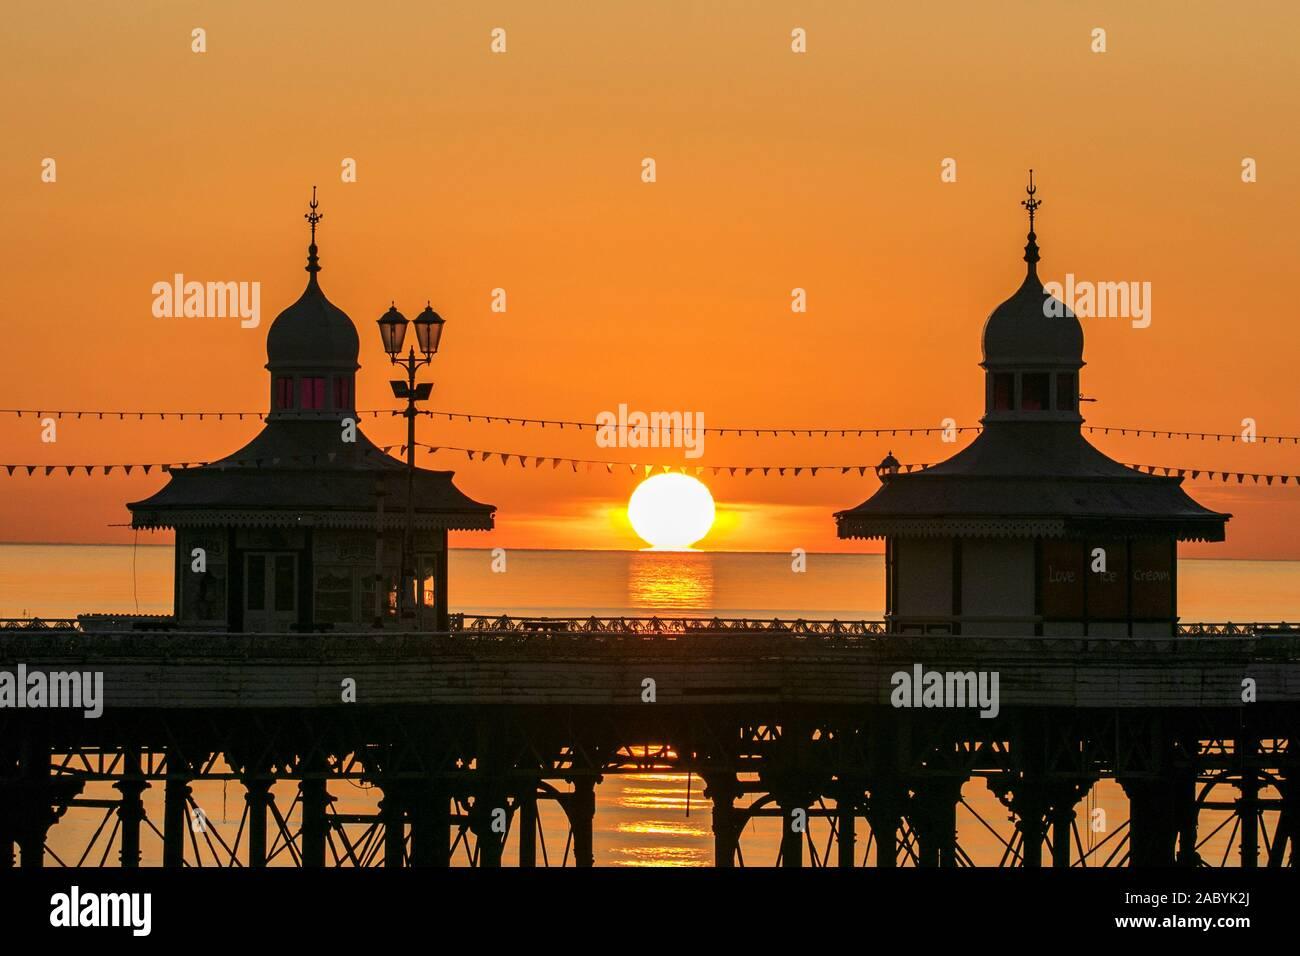 Blackpool Lancashire, UK Wetter. 29. November 2019. Nach einer Bitterkalten Tag über den Nordwesten von England, eine markante winter Sonnenuntergang wirft ihren wärmenden Strahlen auf die Türme auf der berühmten Blackpool North Pier. Credit: cernan Elias/Alamy leben Nachrichten Stockfoto